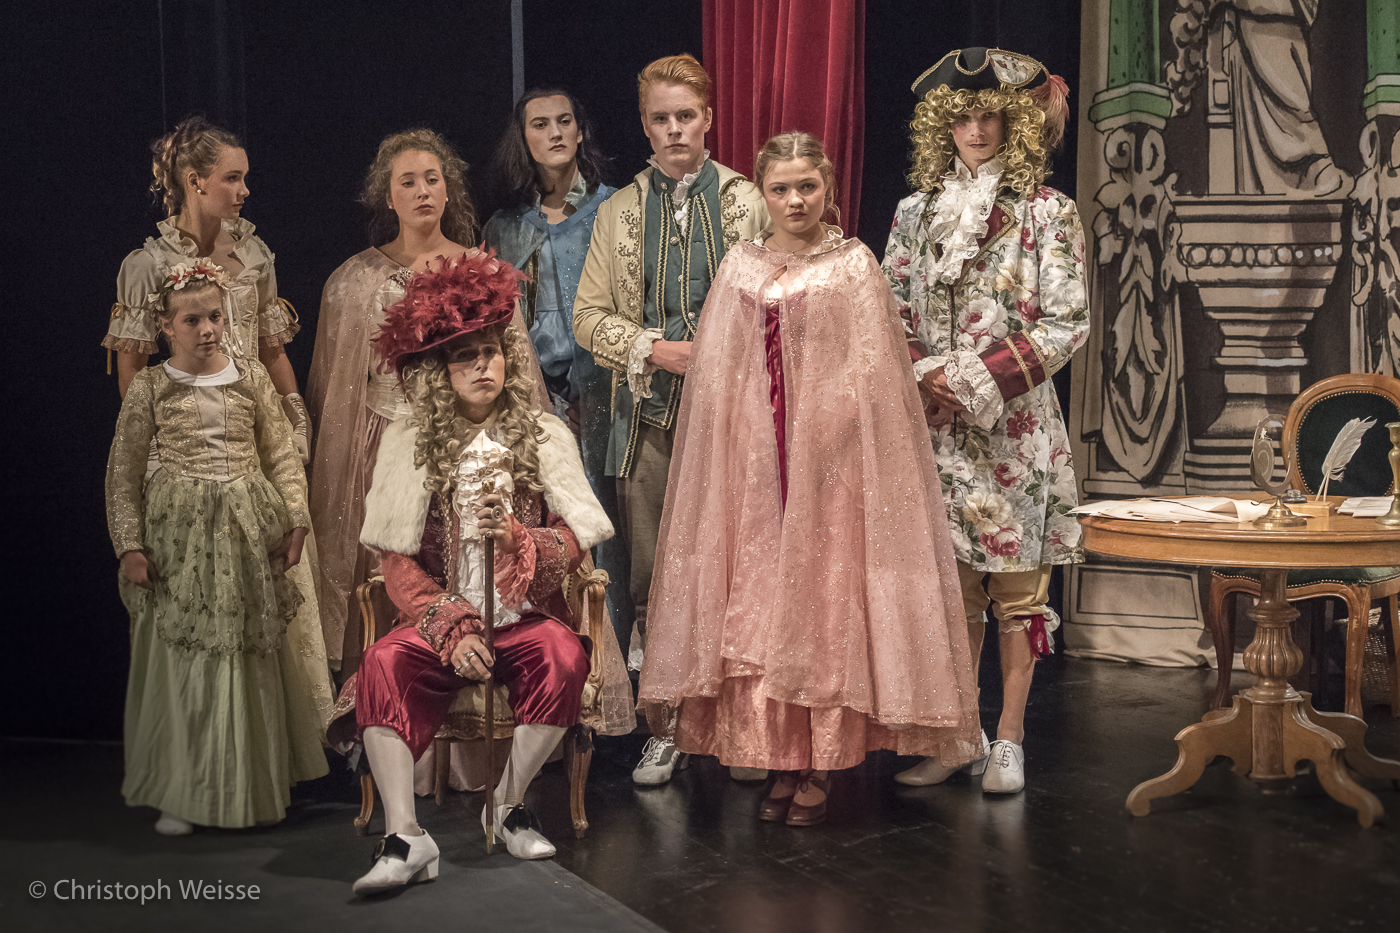 Theaterfotografie-www.profi-foto.ch-© Christoph Weisse-1.jpg